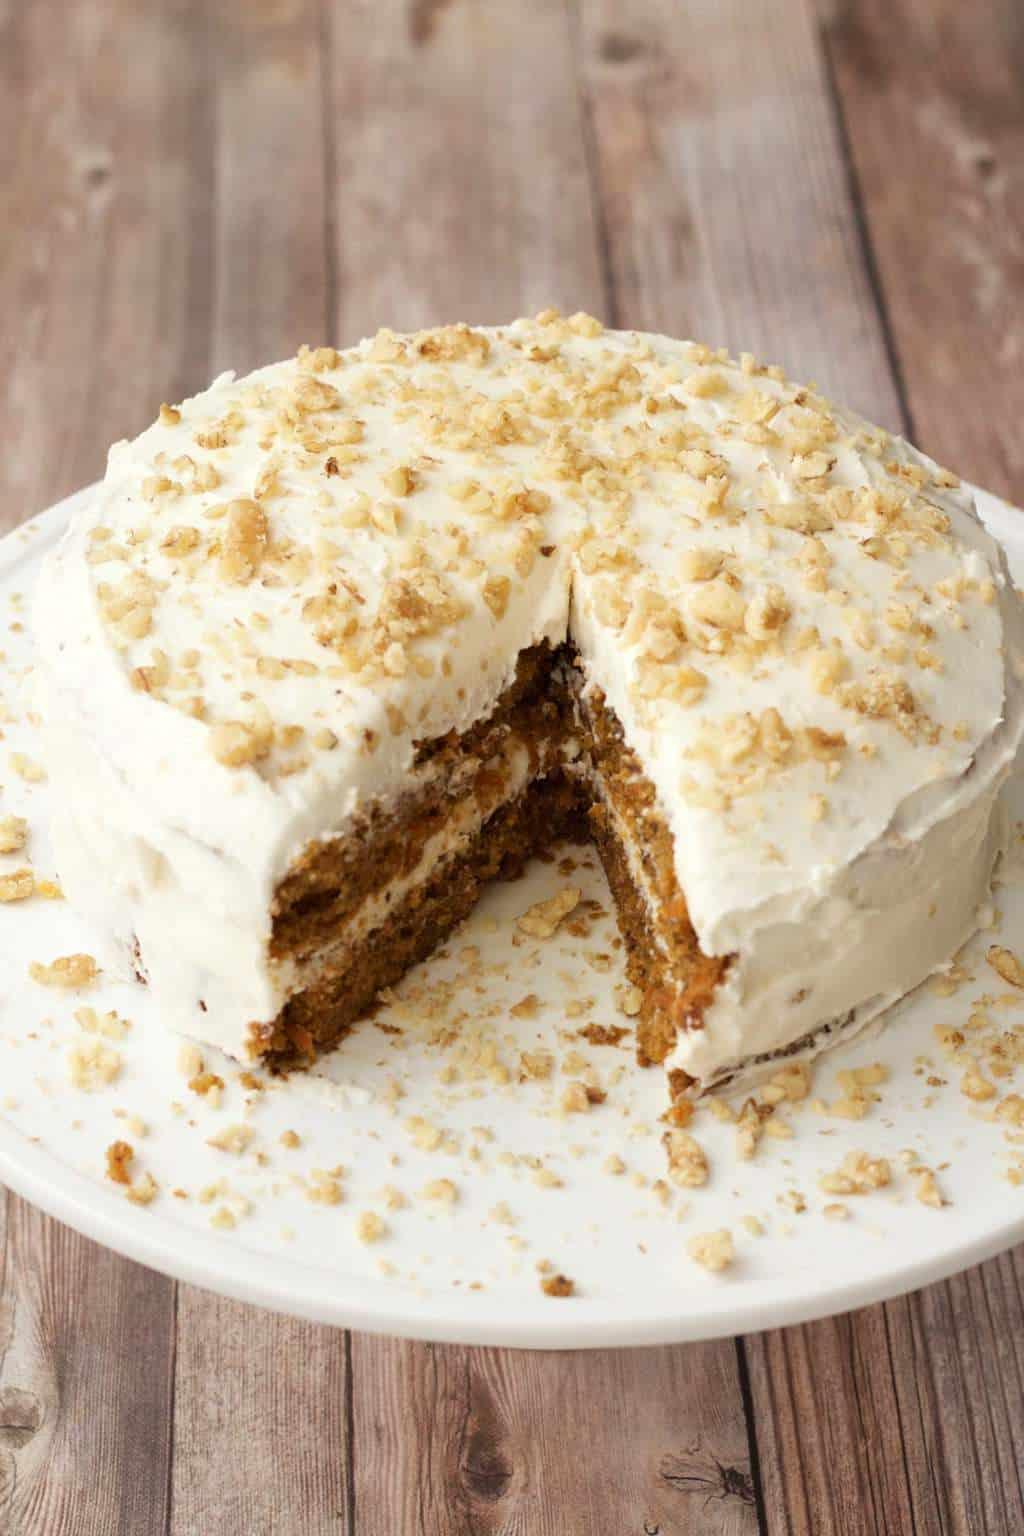 Vegan Frosting Recipe For Carrot Cake